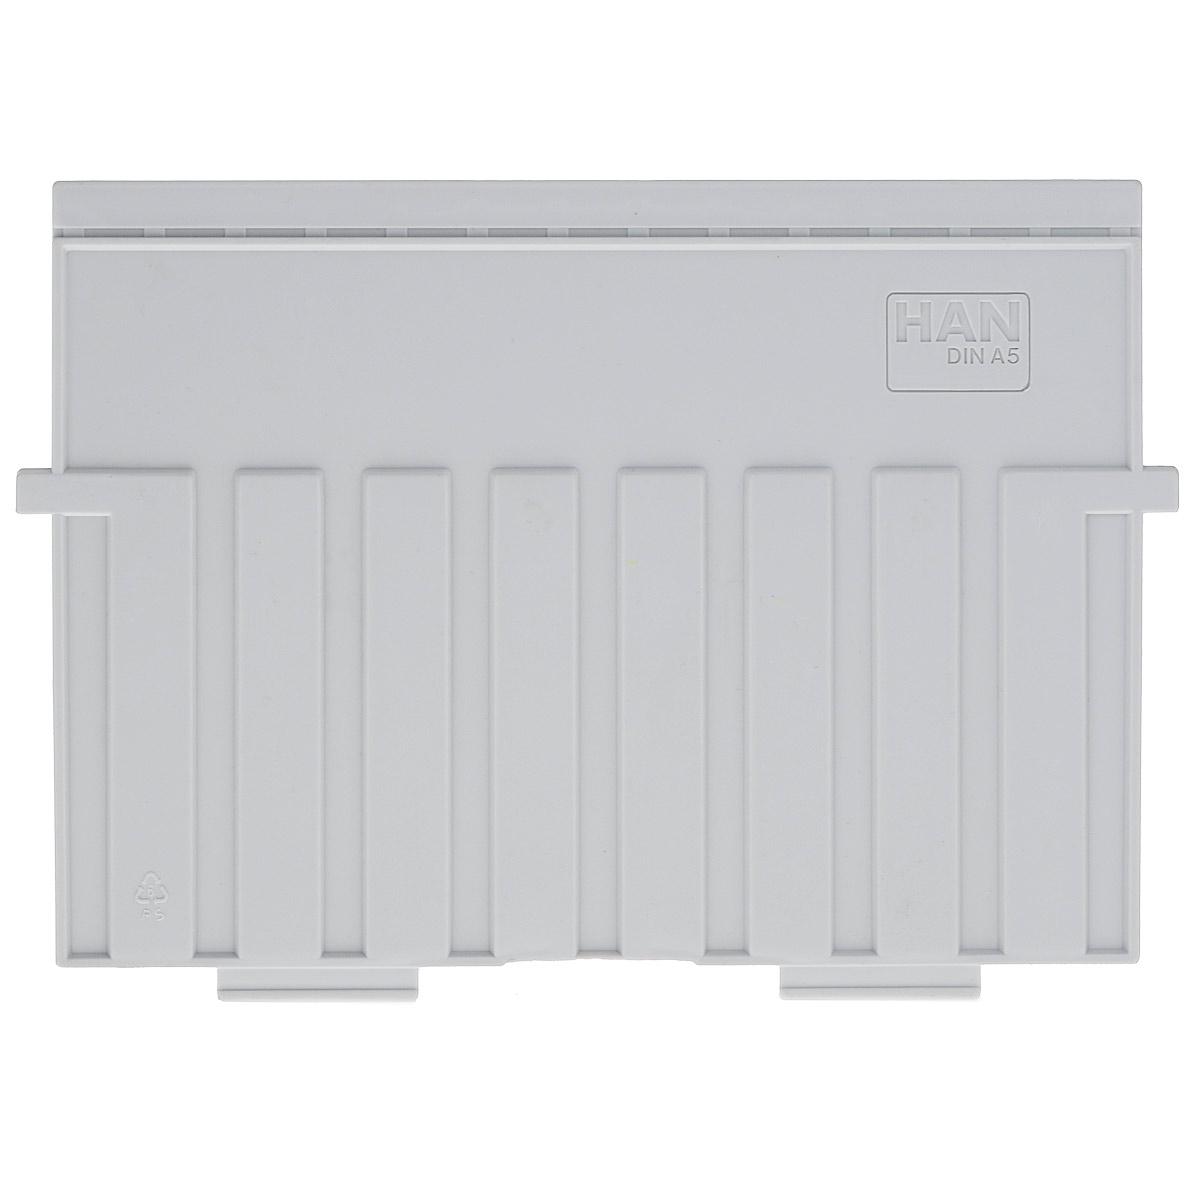 Разделитель для горизонтальной картотеки Han, цвет: серый. Формат А5FS-54115Разделитель для картотеки Han изготовлен из пластика серого цвета. Предназначен для горизонтальных картотек HAN. Имеется специальное поле для установки индексного окна (сверху).